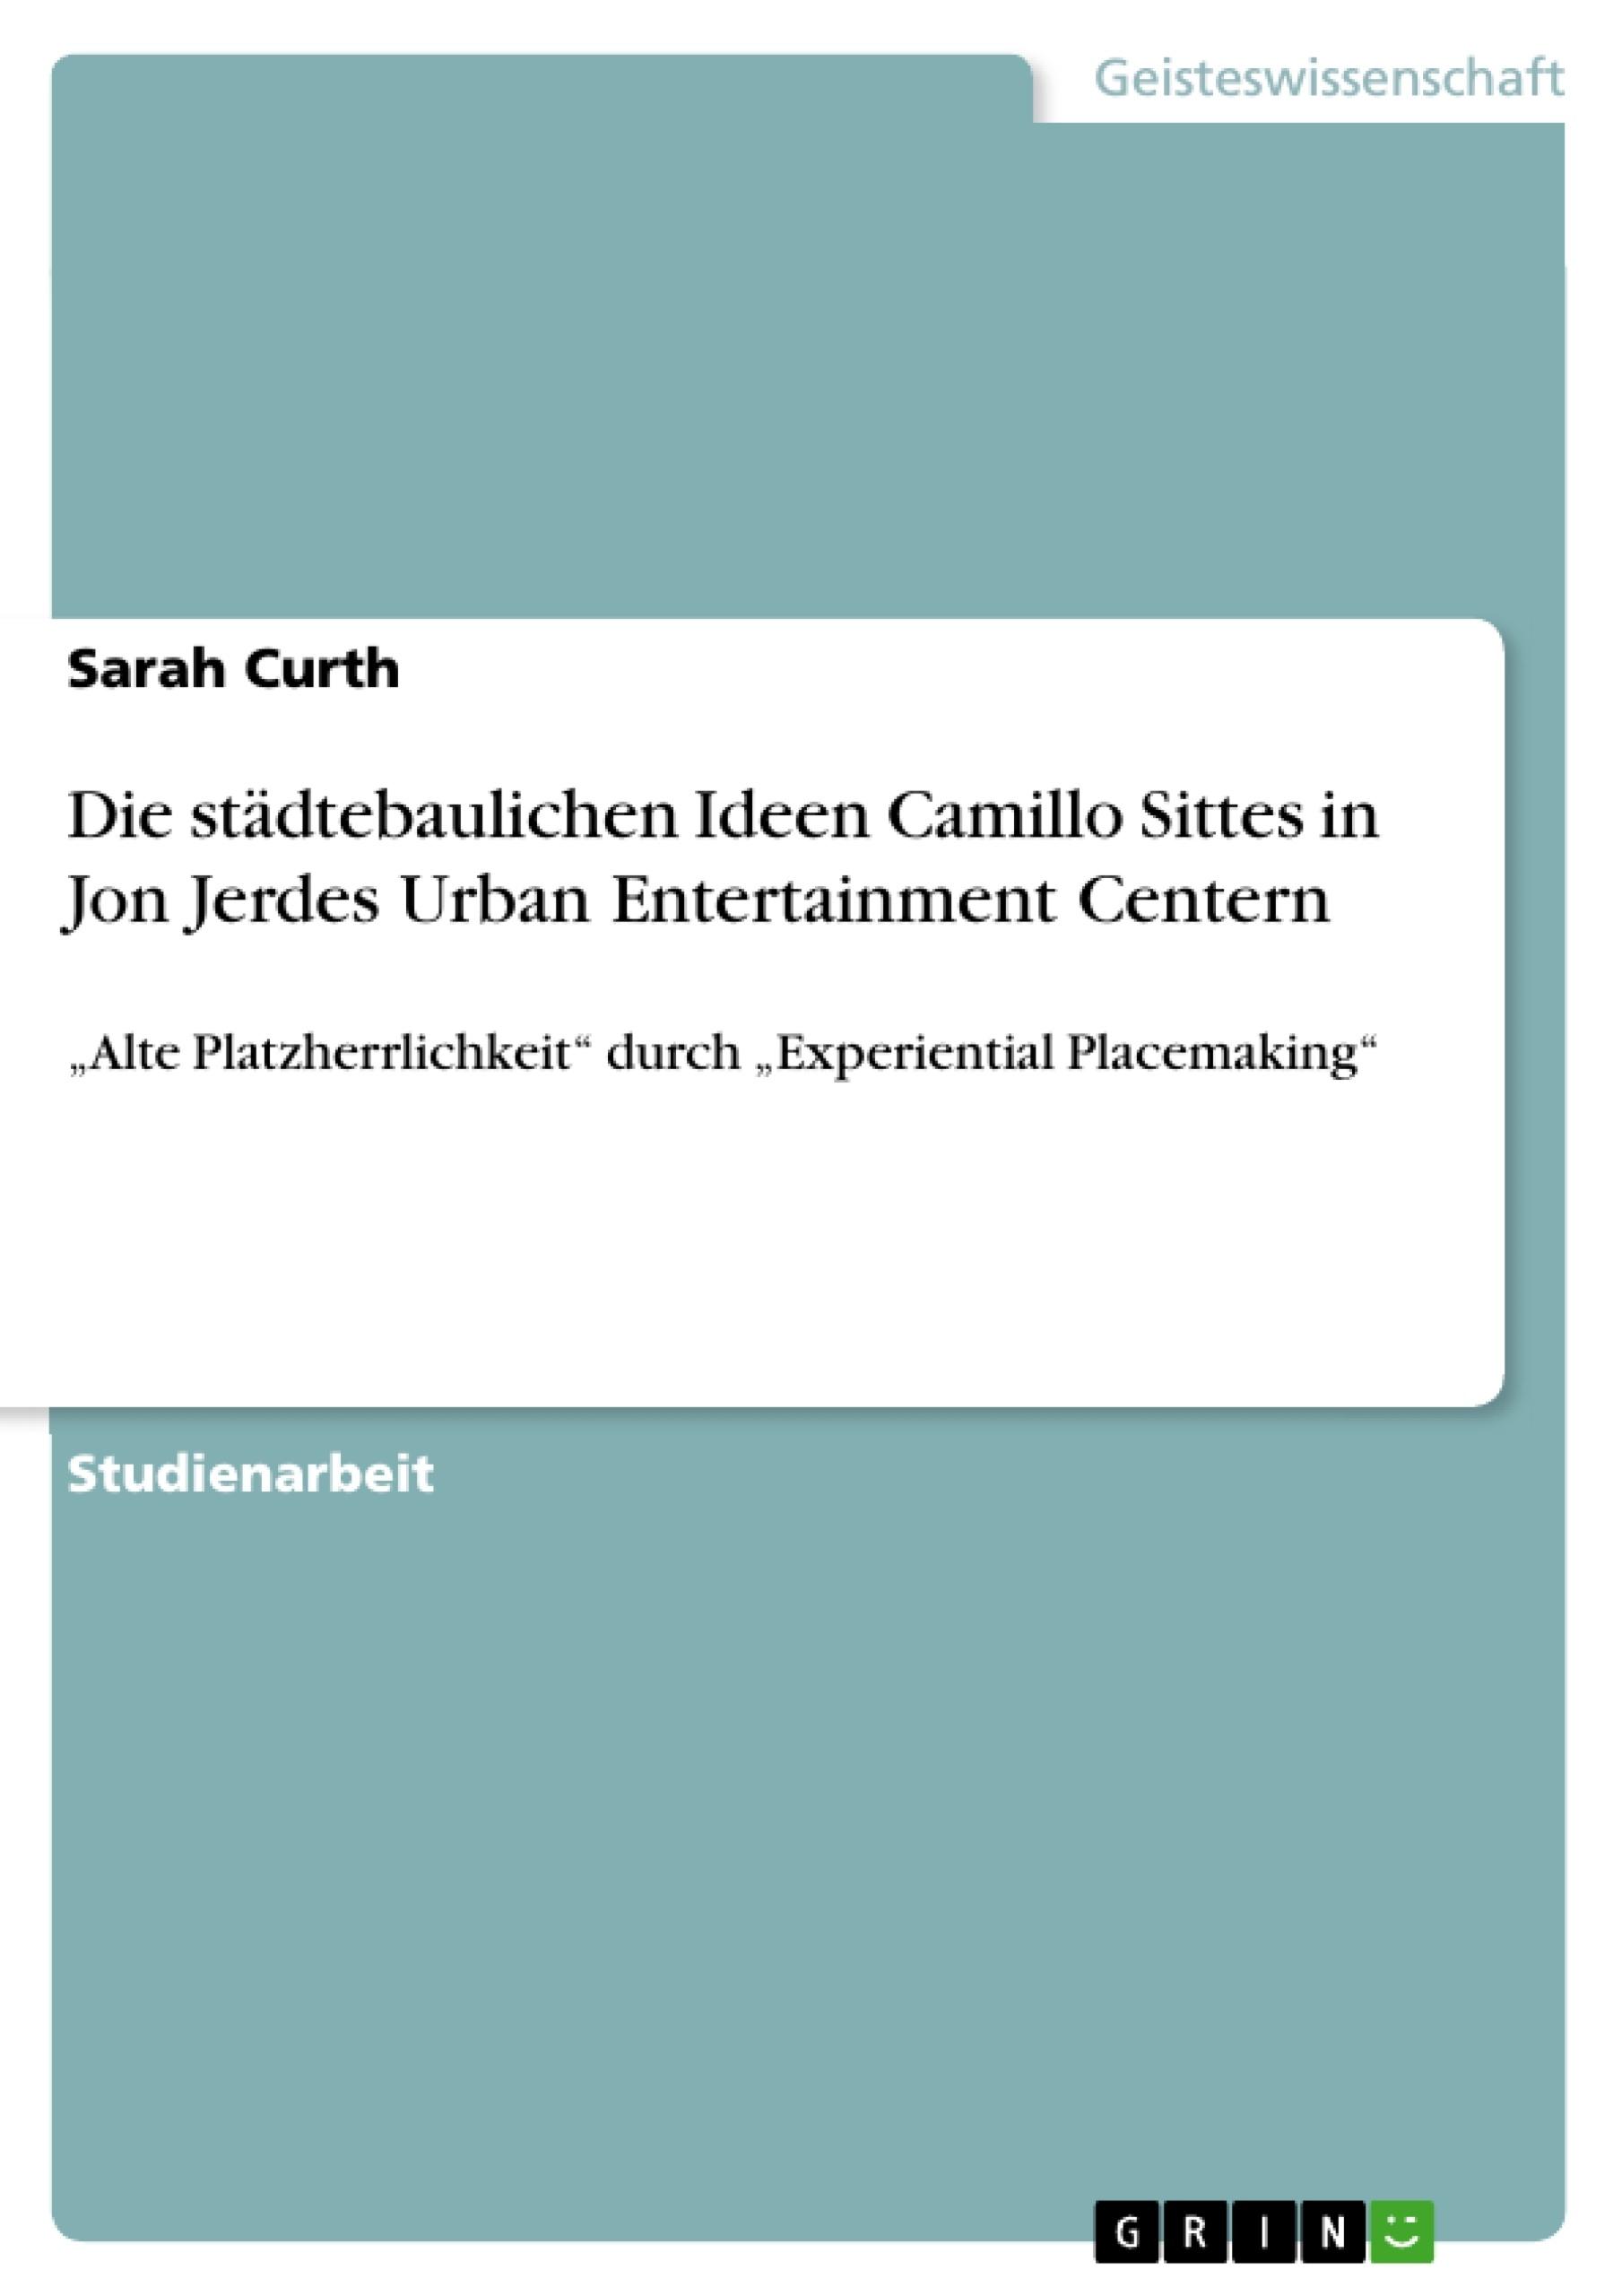 Titel: Die städtebaulichen Ideen Camillo Sittes in Jon Jerdes Urban Entertainment Centern